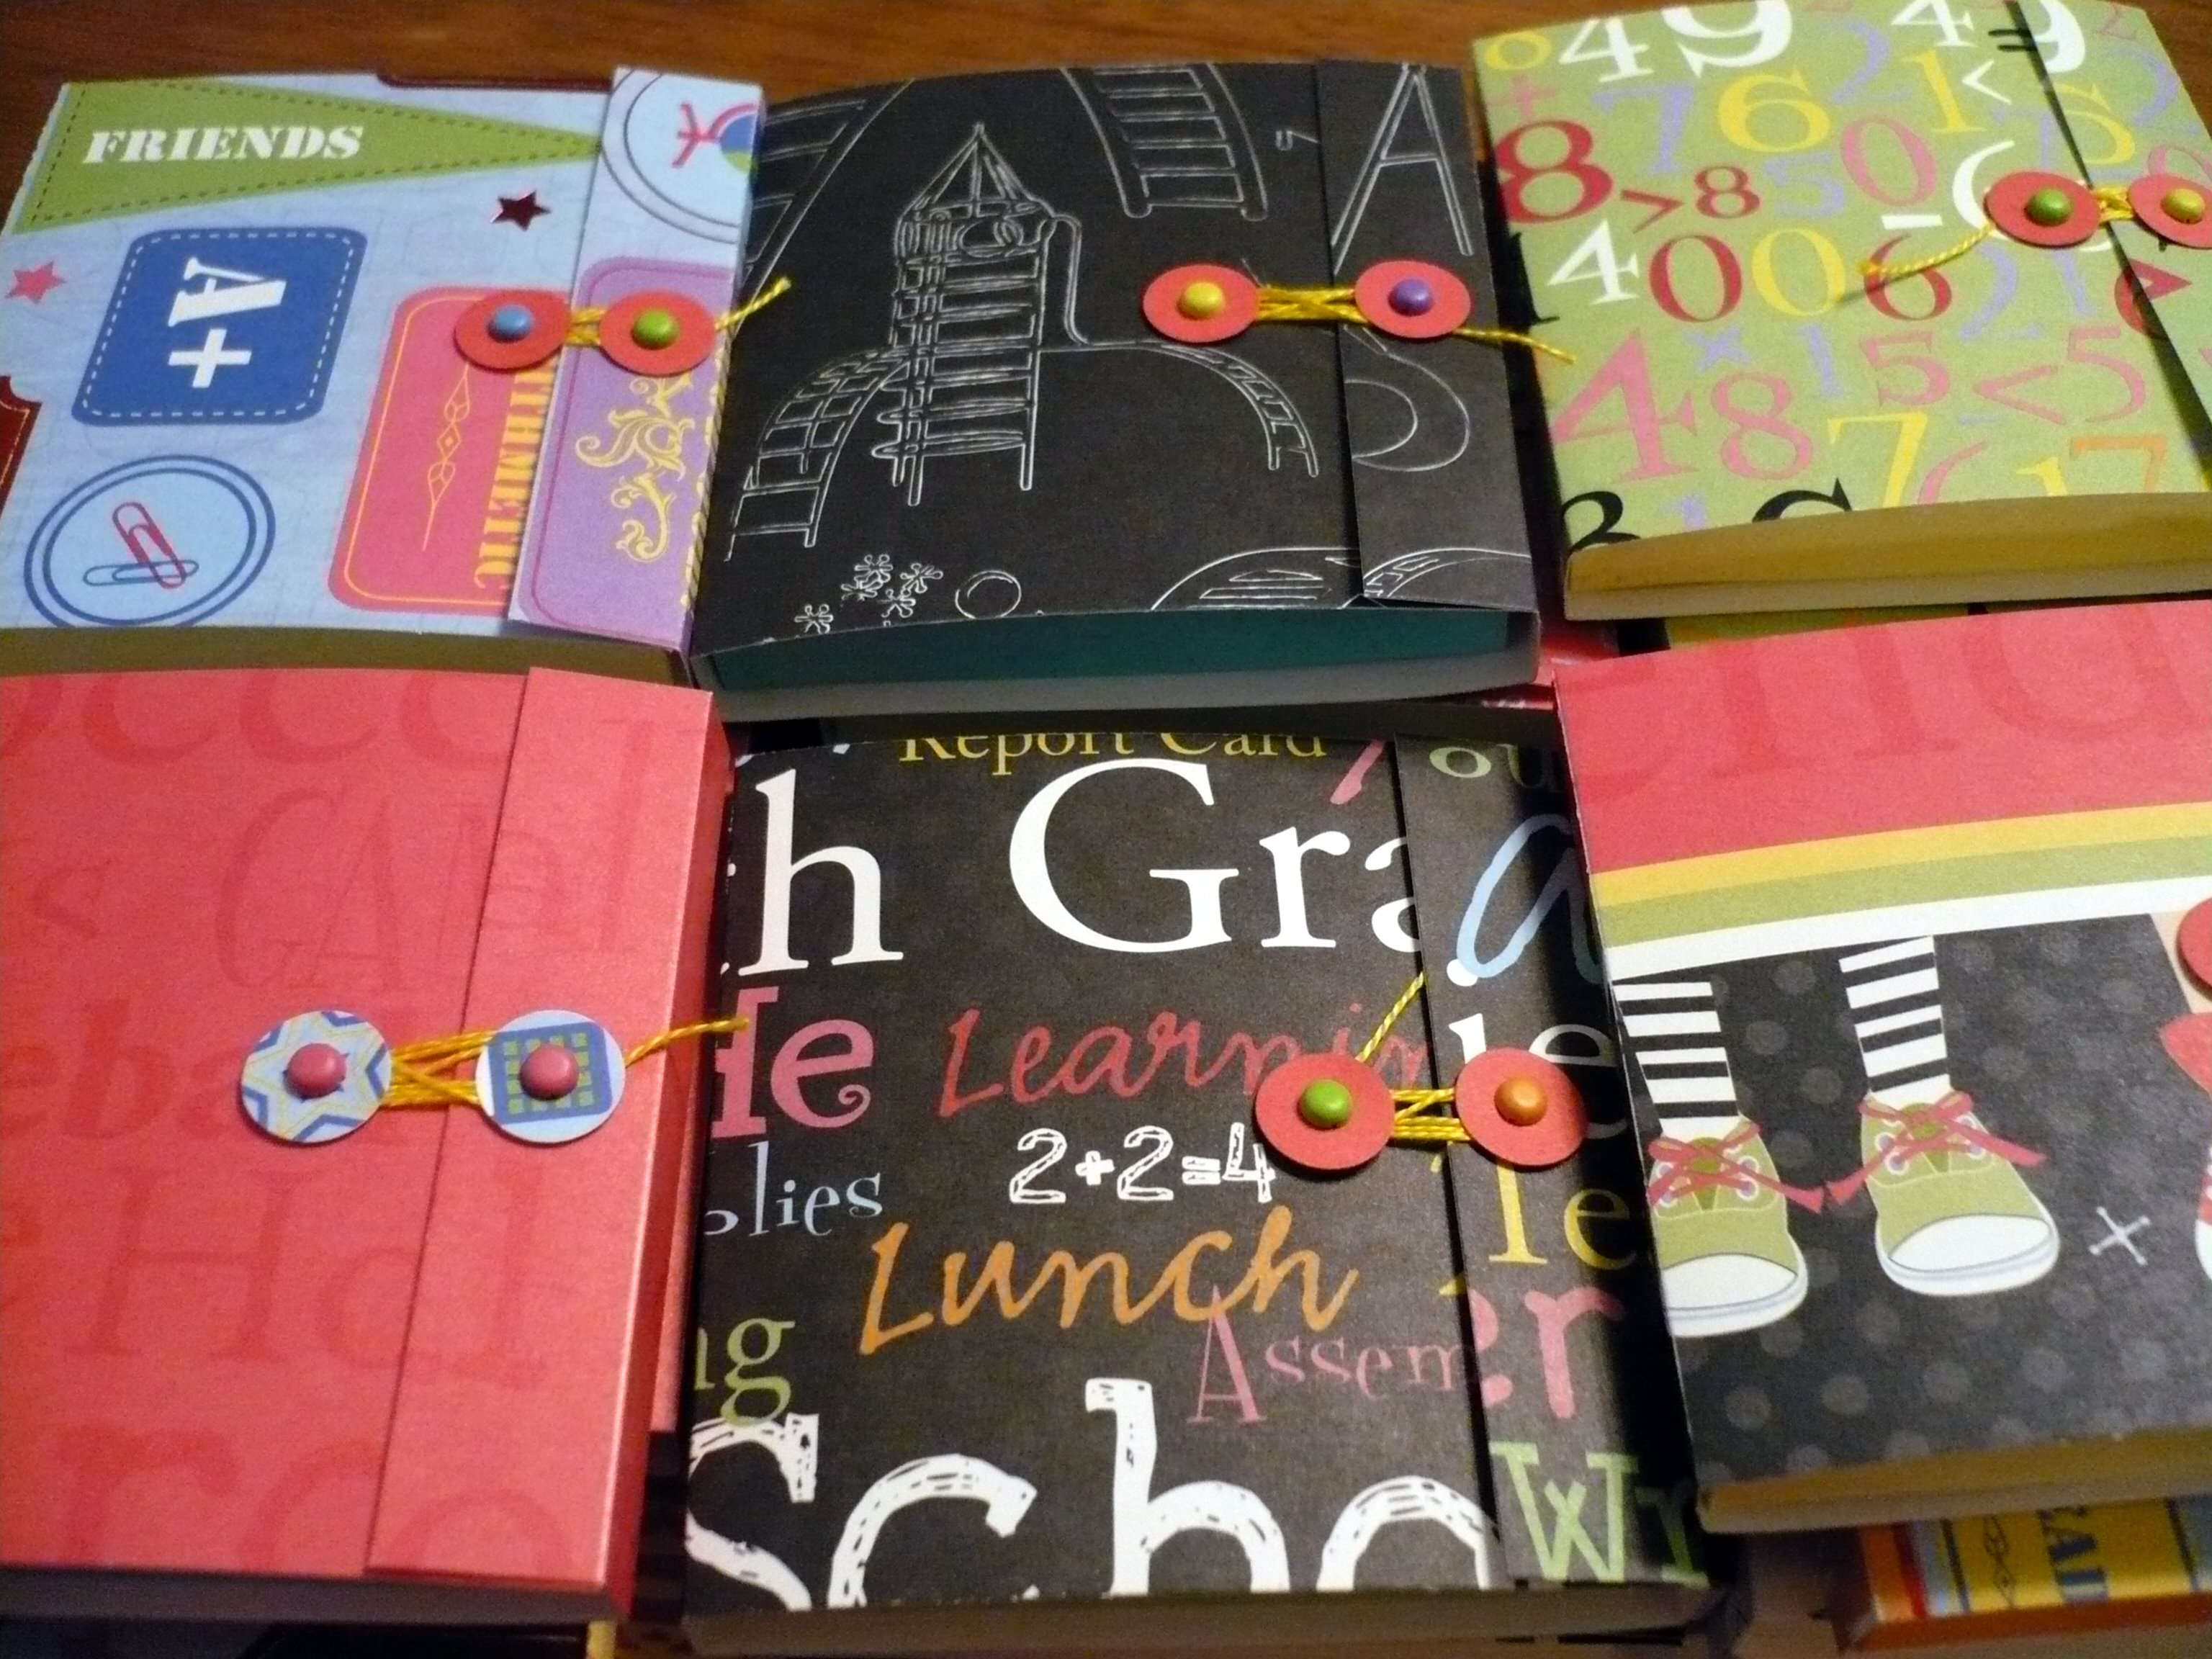 stacks of stickybooks